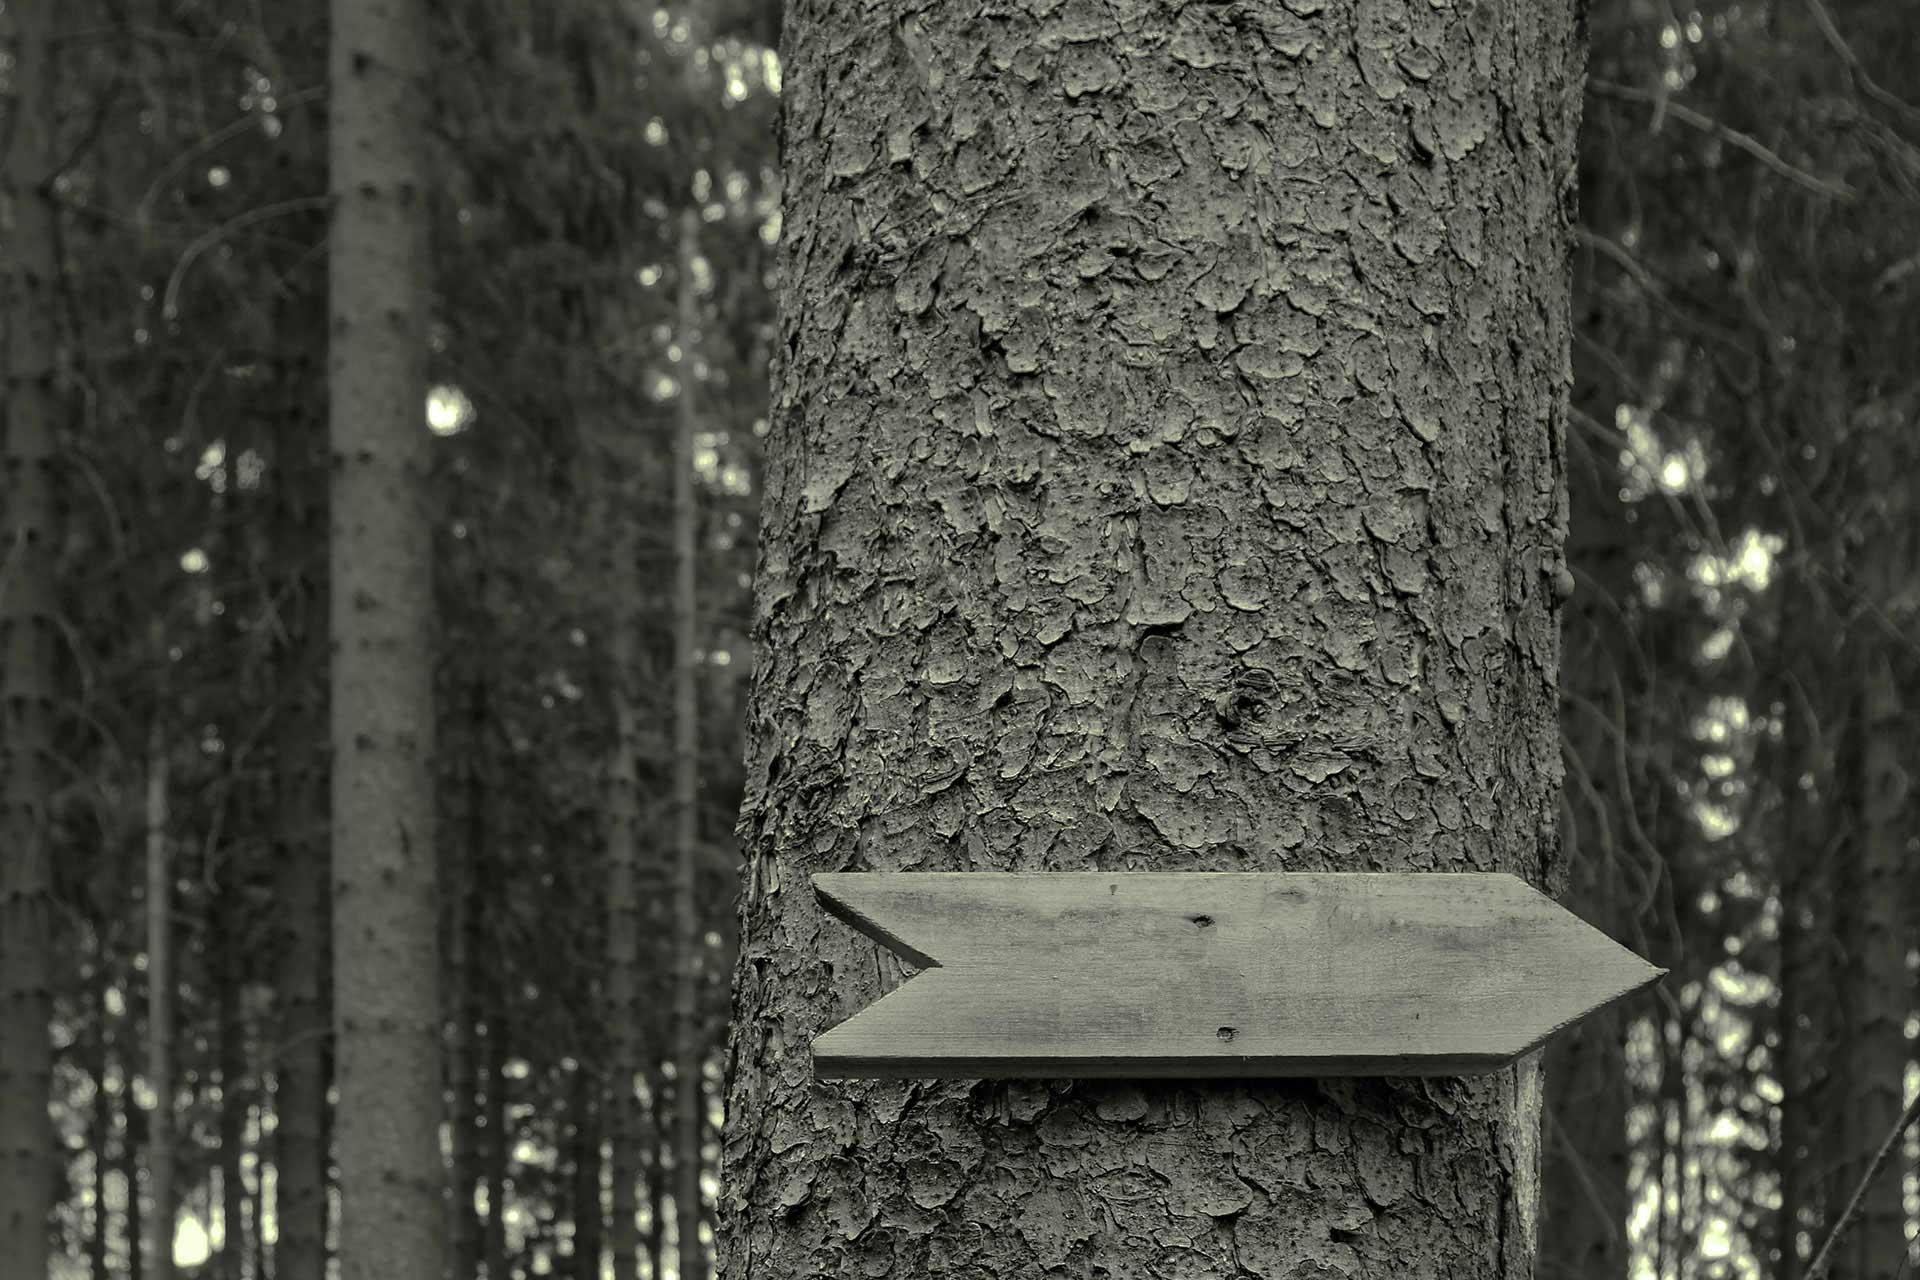 Baum mit Schild als Pfeil